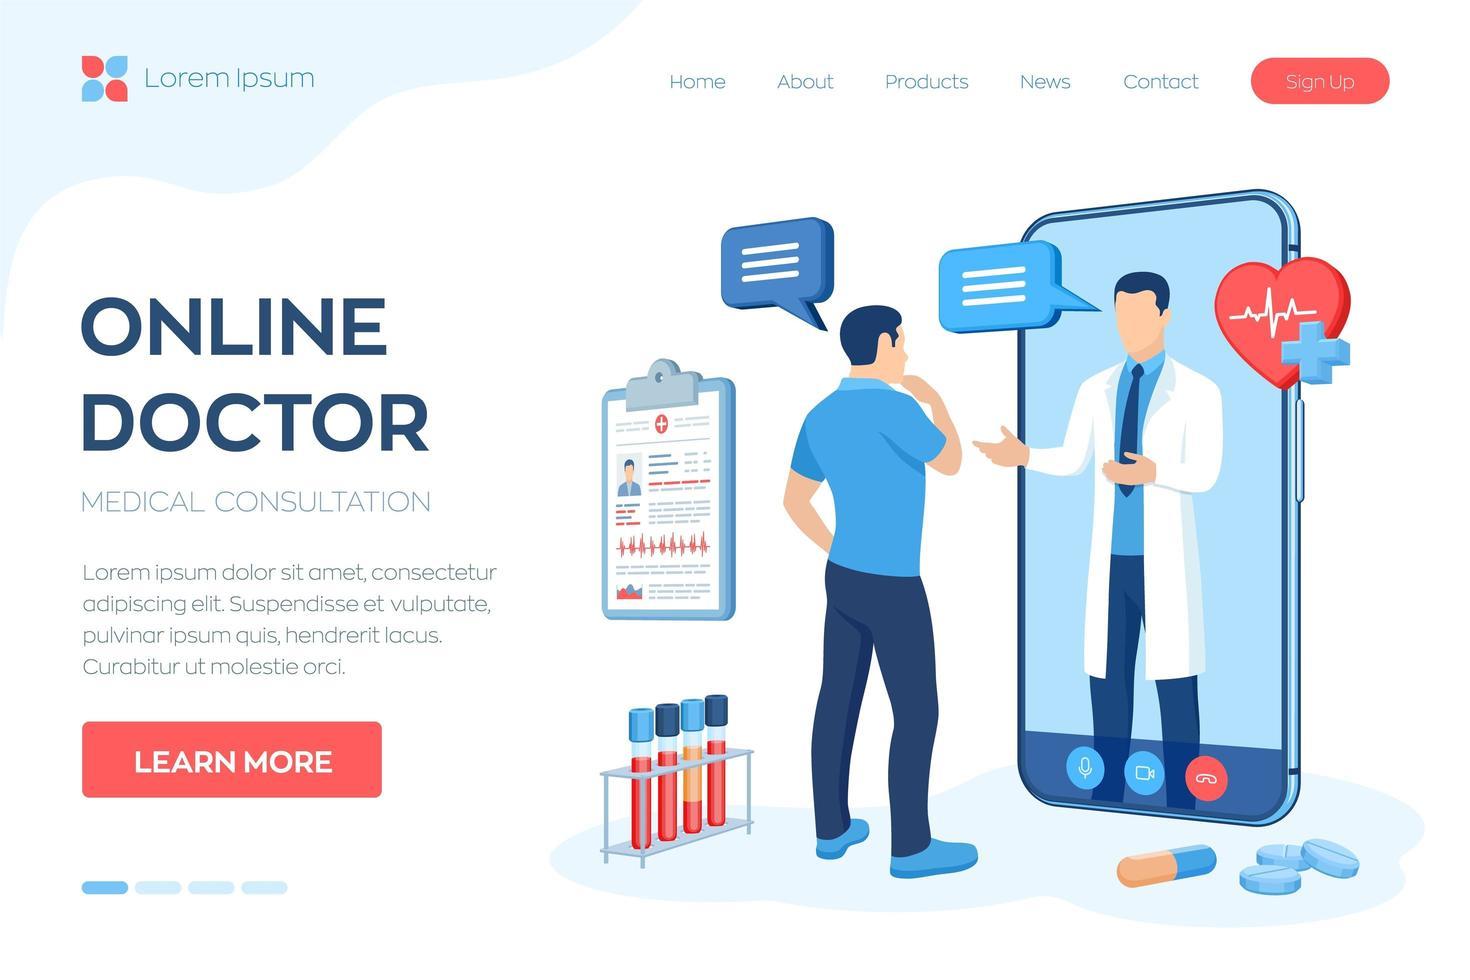 concept de services de consultation médicale et de soutien en ligne vecteur